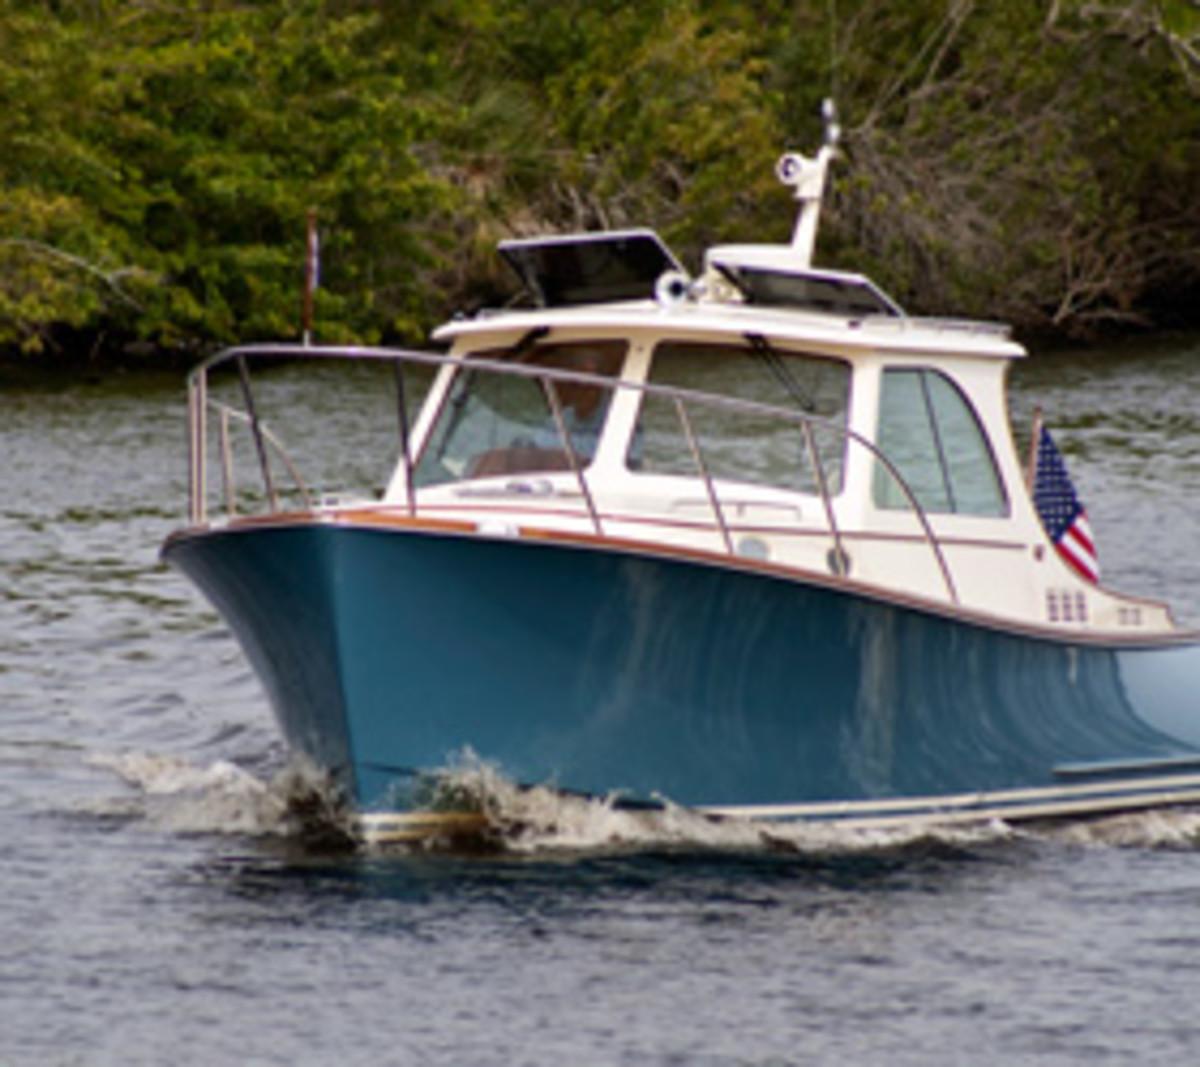 A Hinckley yacht